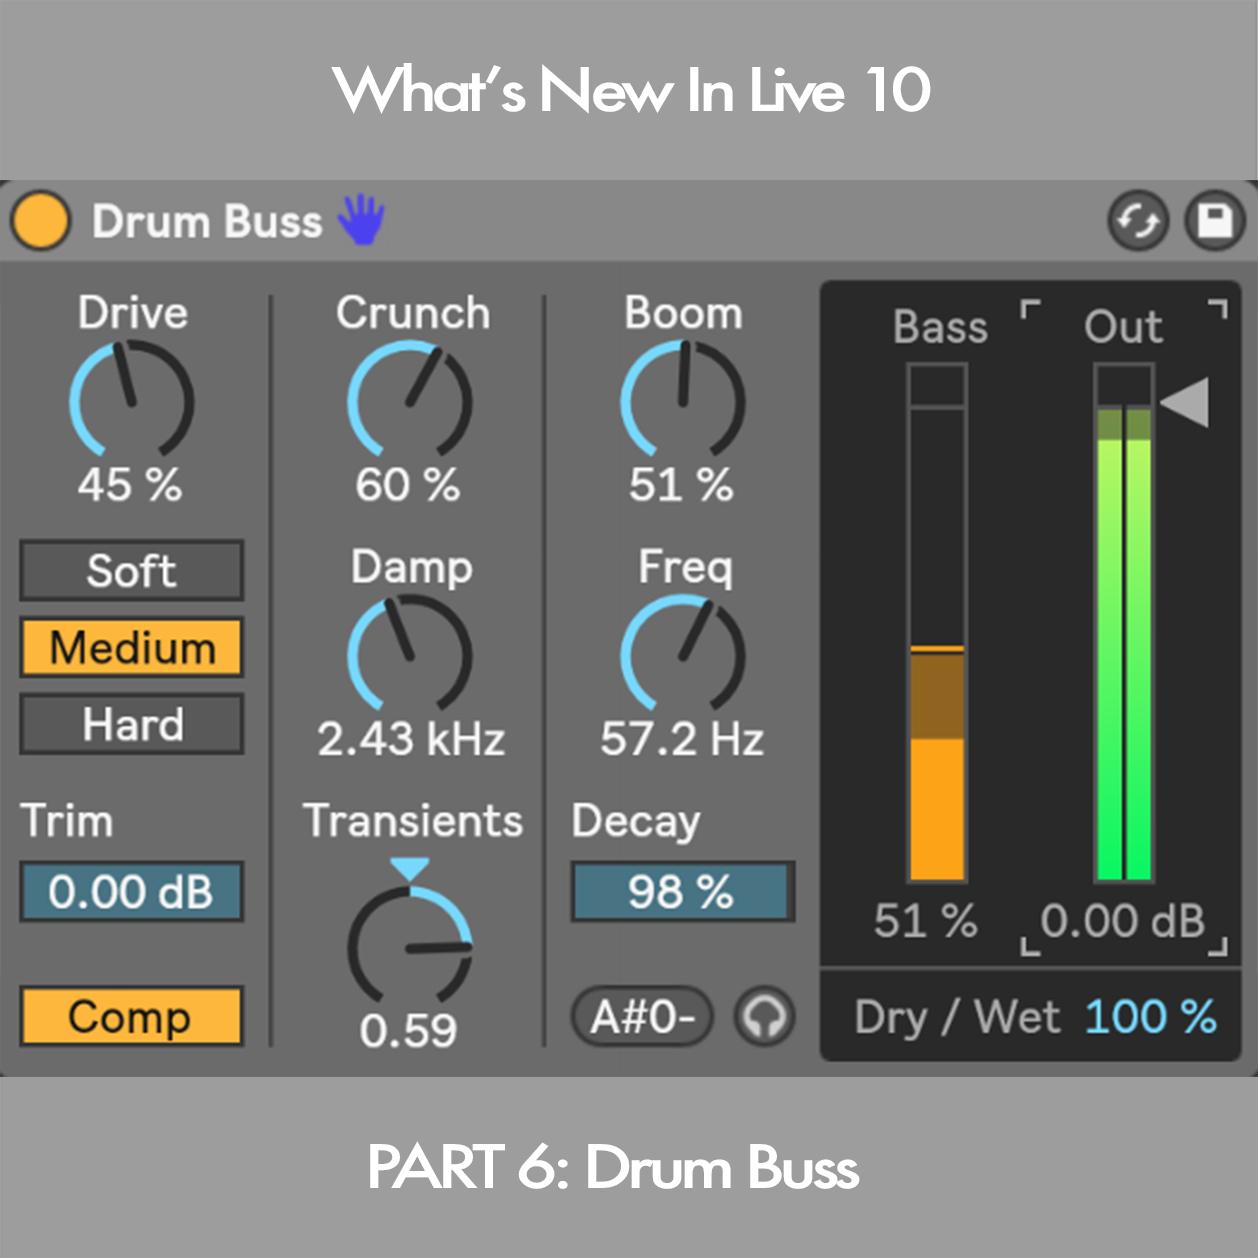 drum buss.jpg